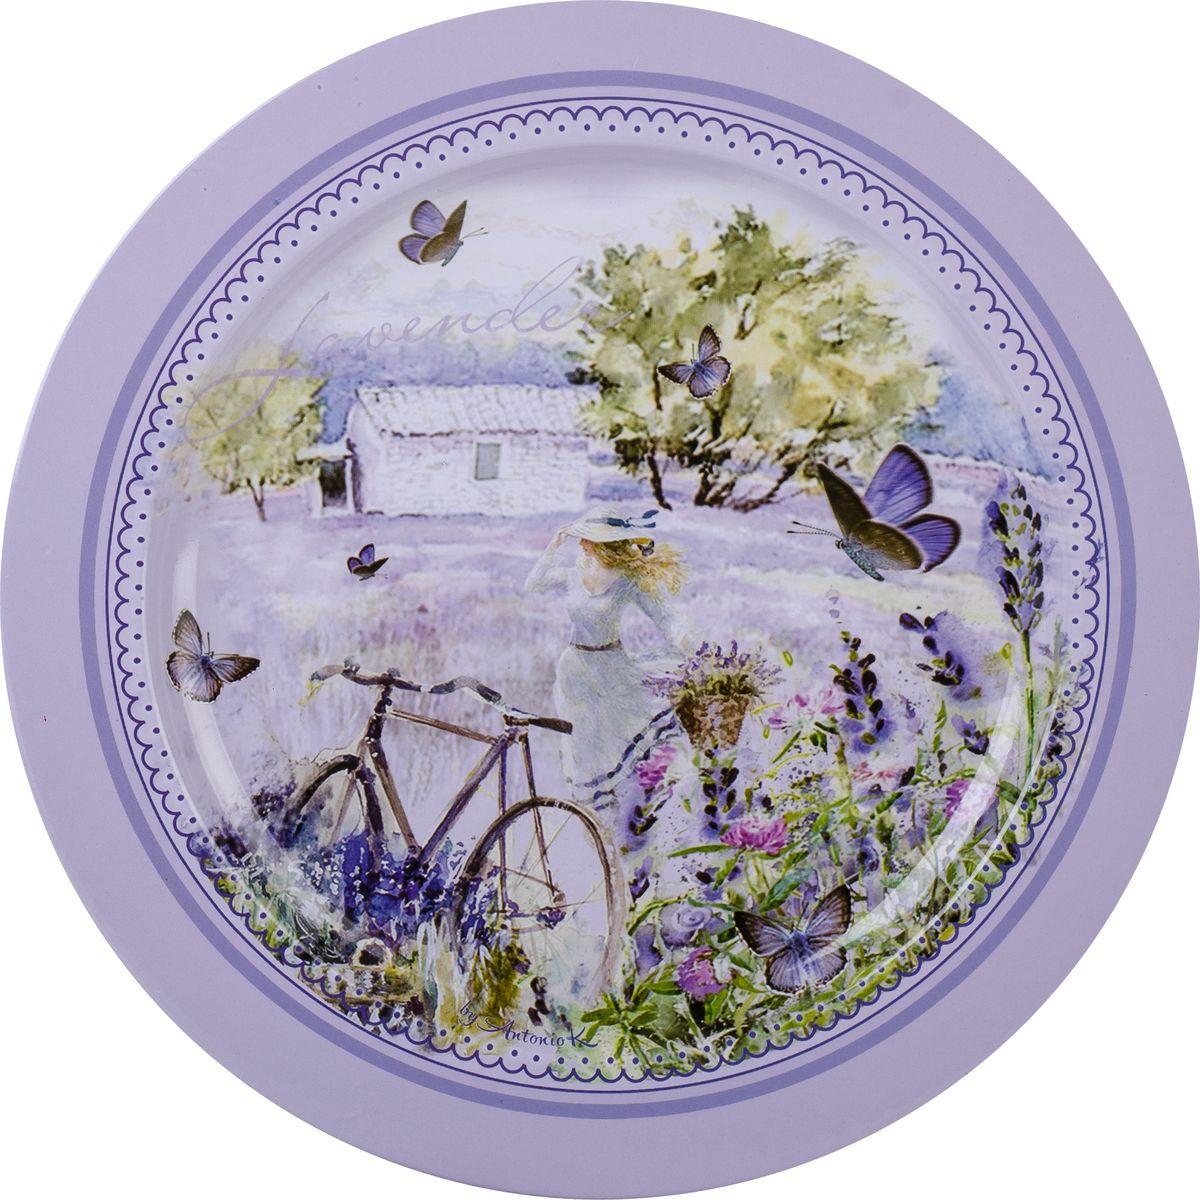 Поднос GiftnHome Лаванда, диаметр 25 смRT-25 LavenderПоднос GiftnHome Лаванда выполнен из жести. Поднос украсит любой интерьер и прекрасно подойдет для сервировки праздничного стола.Диаметр: 25 см.